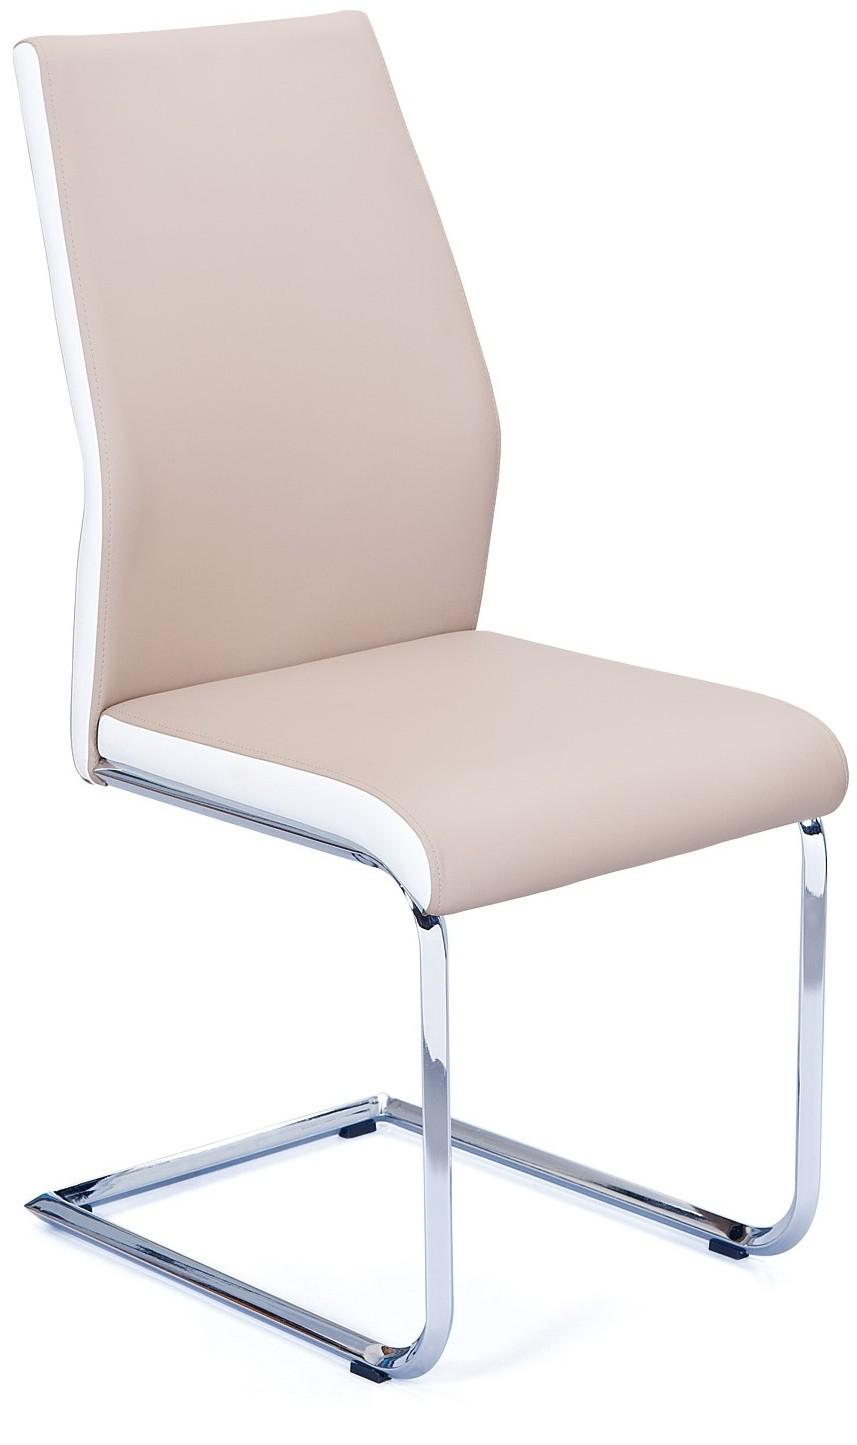 chaise beige et blanche lalia lot de 4. Black Bedroom Furniture Sets. Home Design Ideas